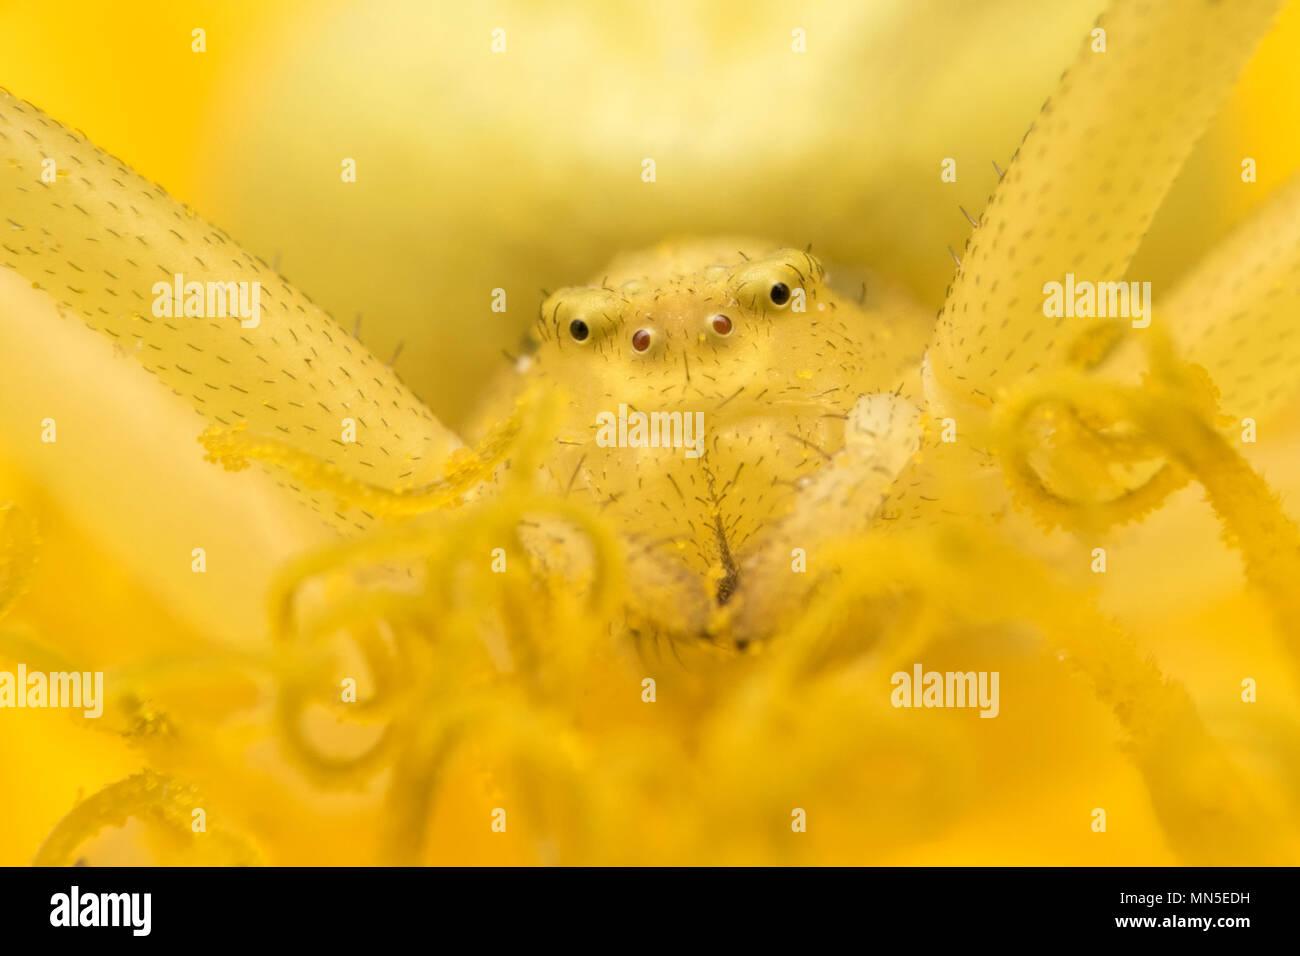 Crab Spider (Misumena vatia) wartet auf Beute auf Löwenzahn Blume. Tipperary, Irland Stockfoto